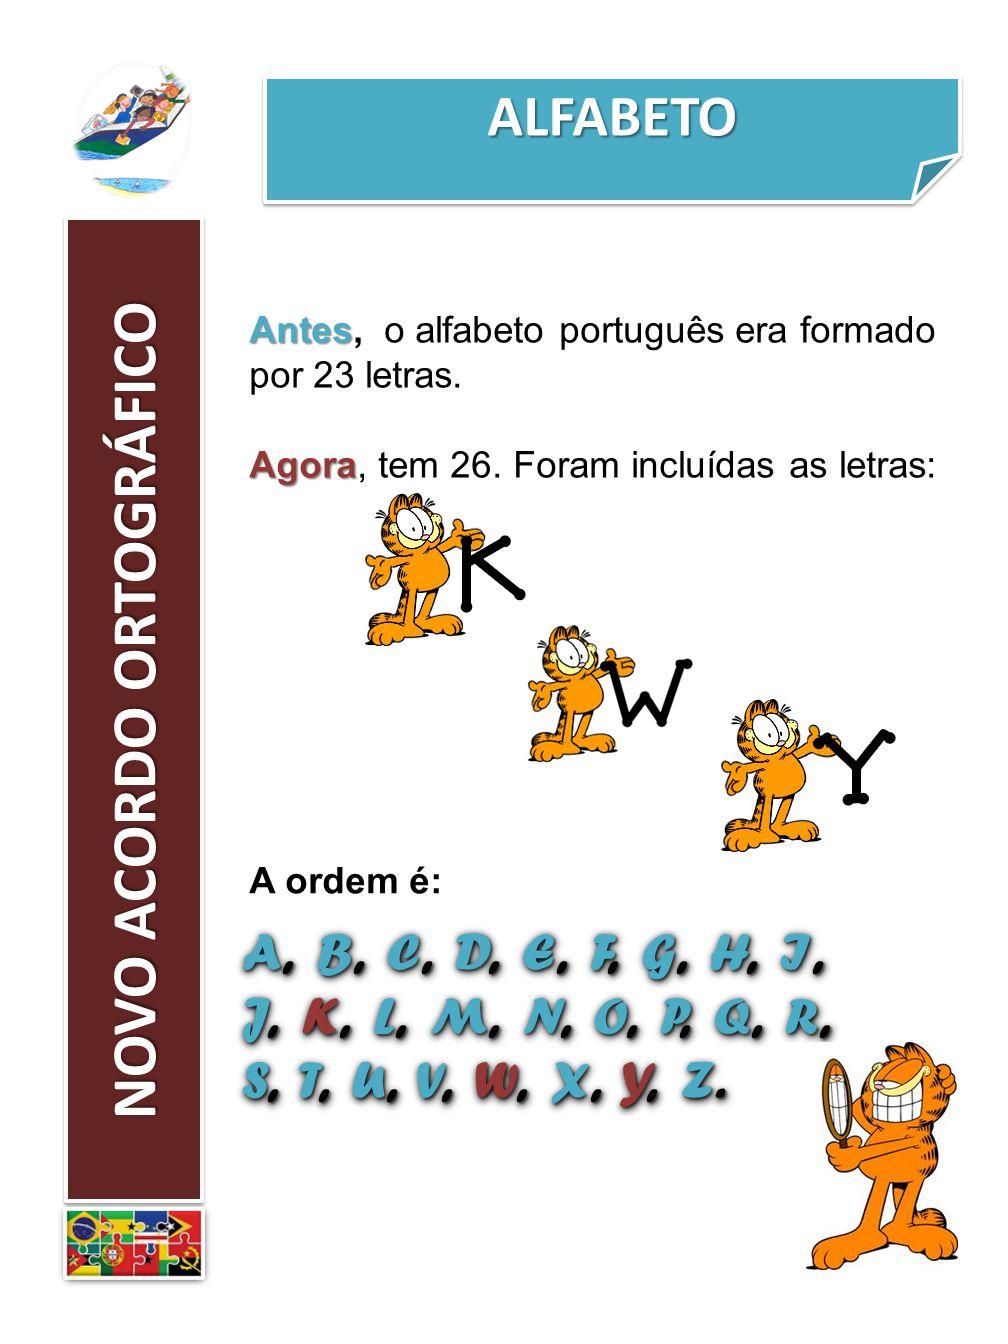 ALFABETOALFABETO NOVO ACORDO ORTOGRÁFICO Antes Antes, o alfabeto português era formado por 23 letras. Agora Agora, tem 26. Foram incluídas as letras: